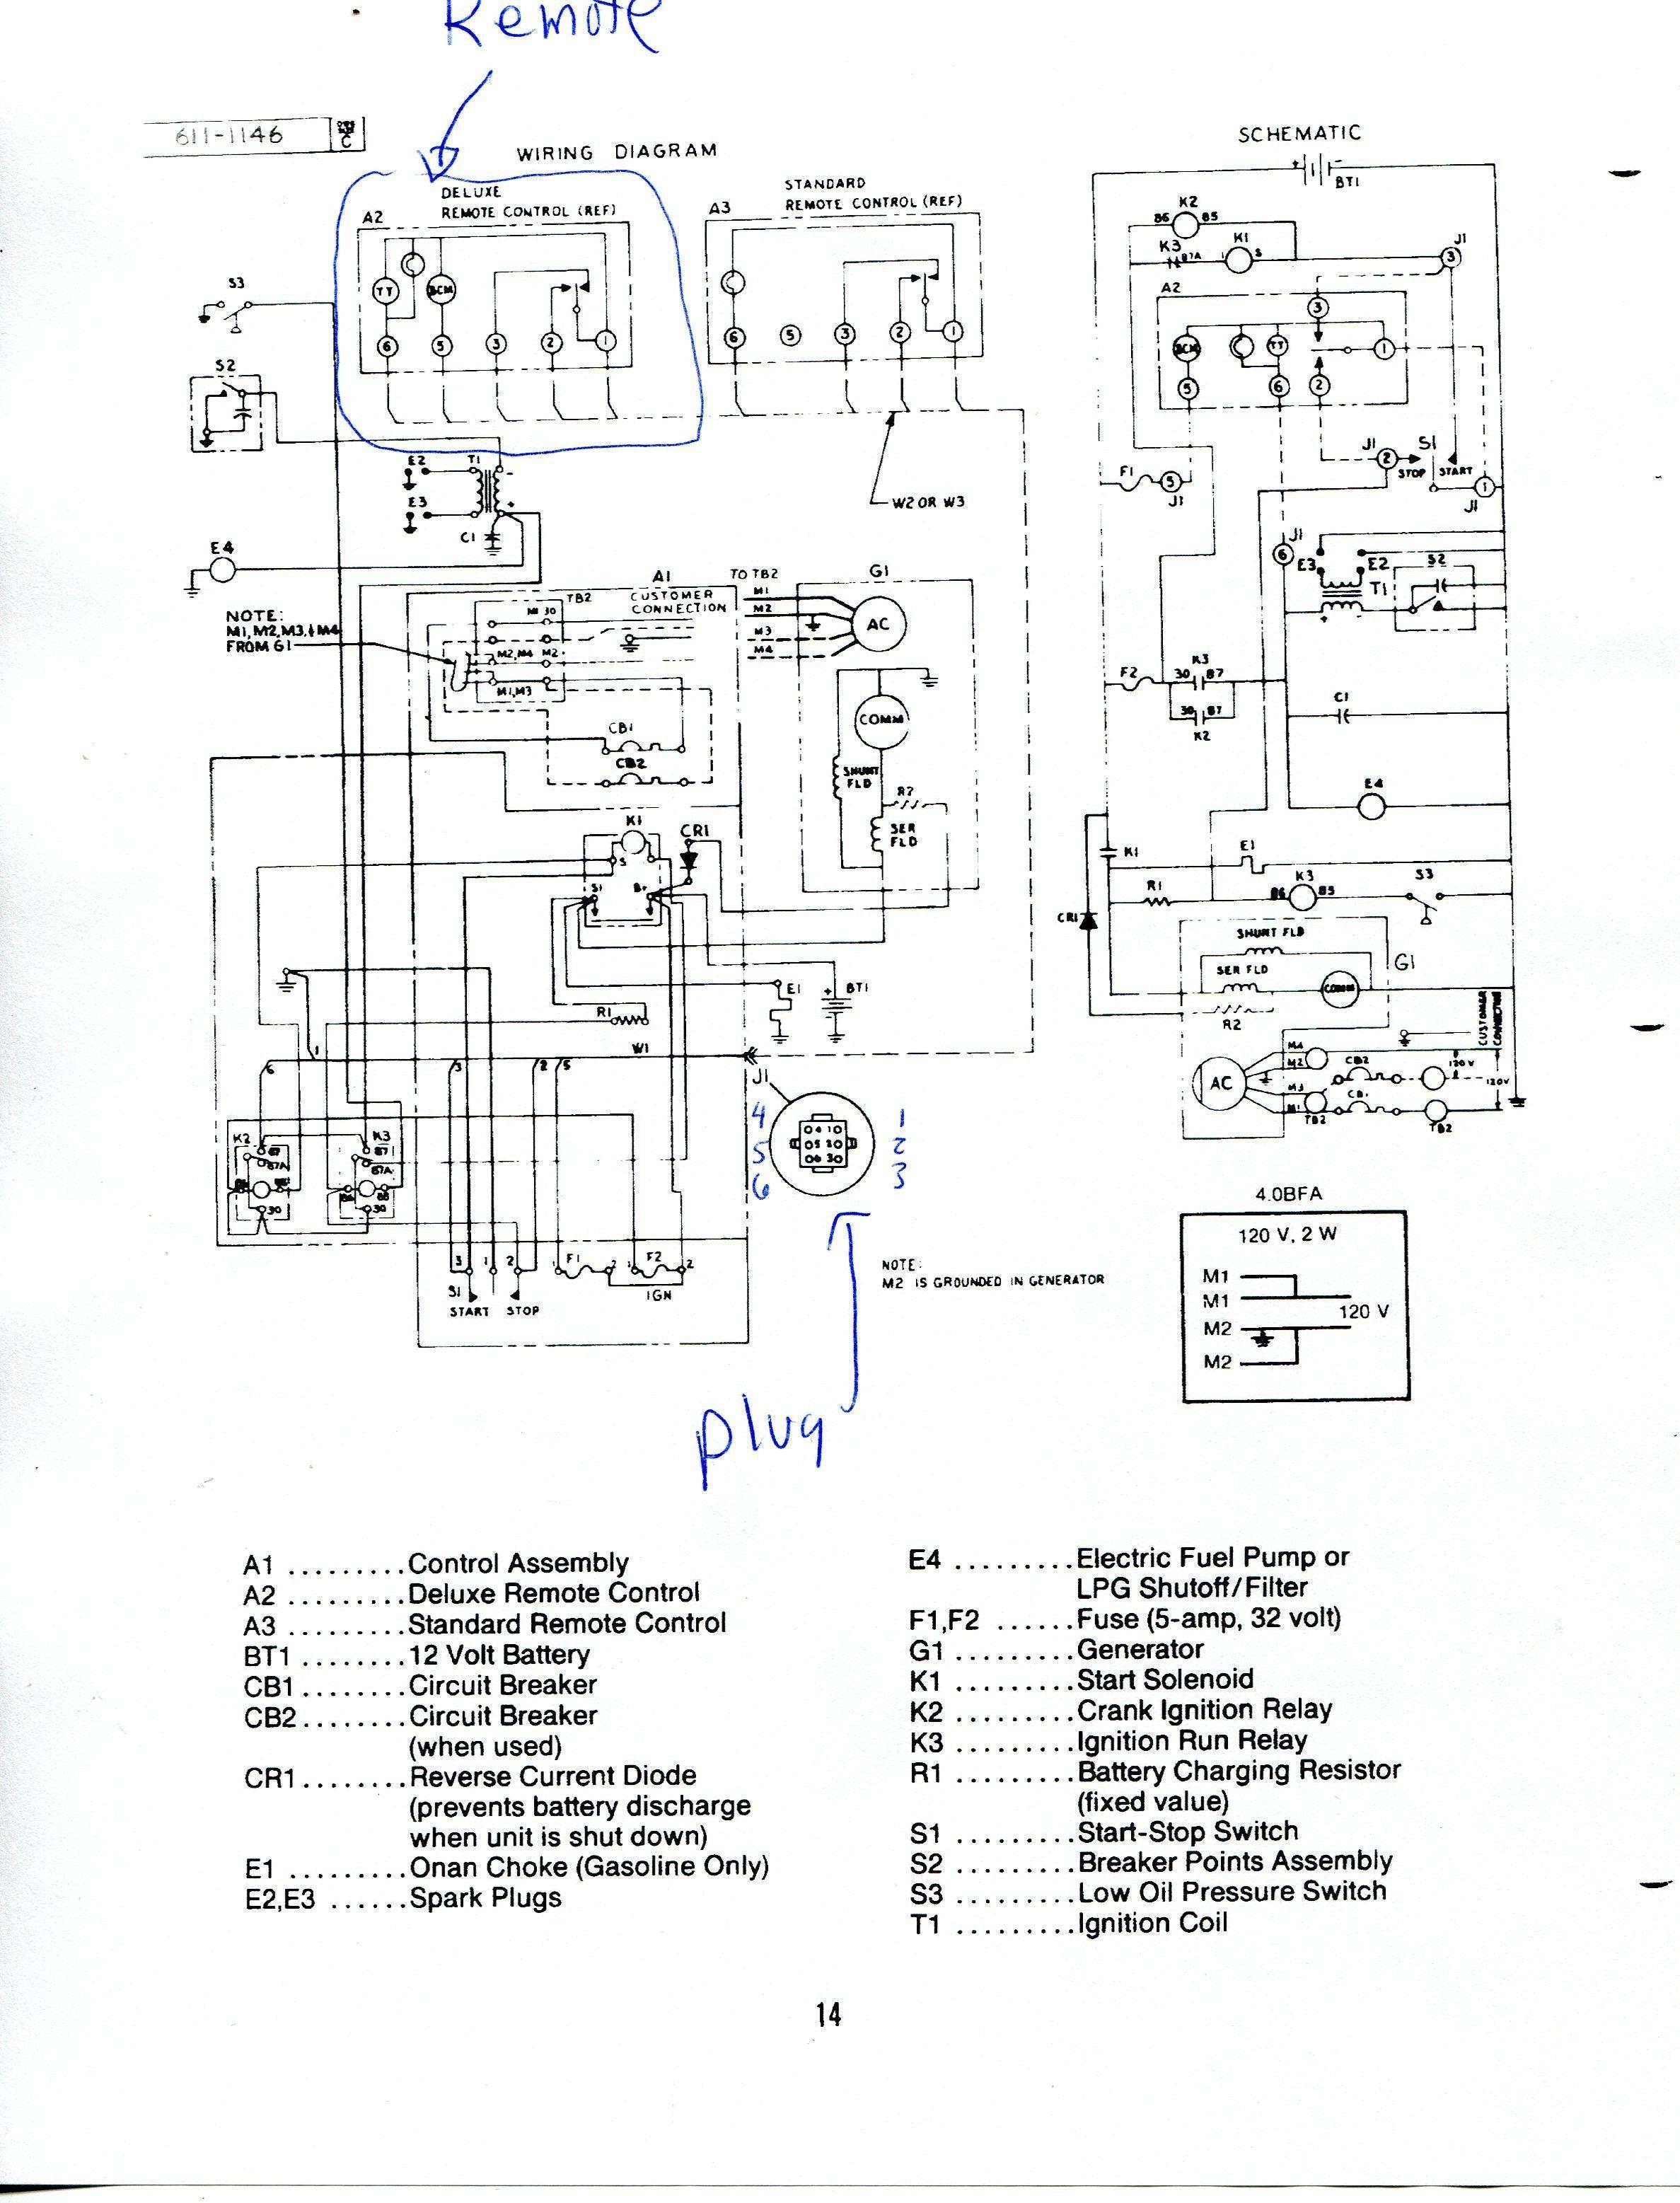 Onan Generator Wiring Diagram Awesome In 2020